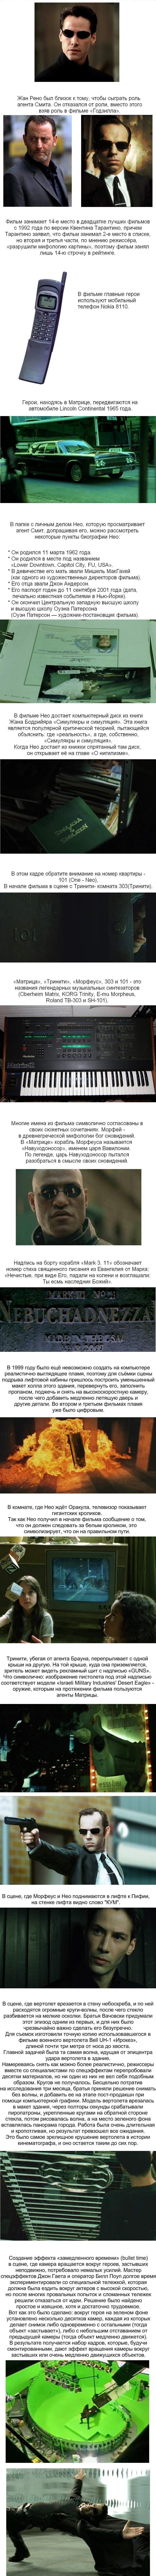 Интересные факты про фильм Матрица (2 фото)